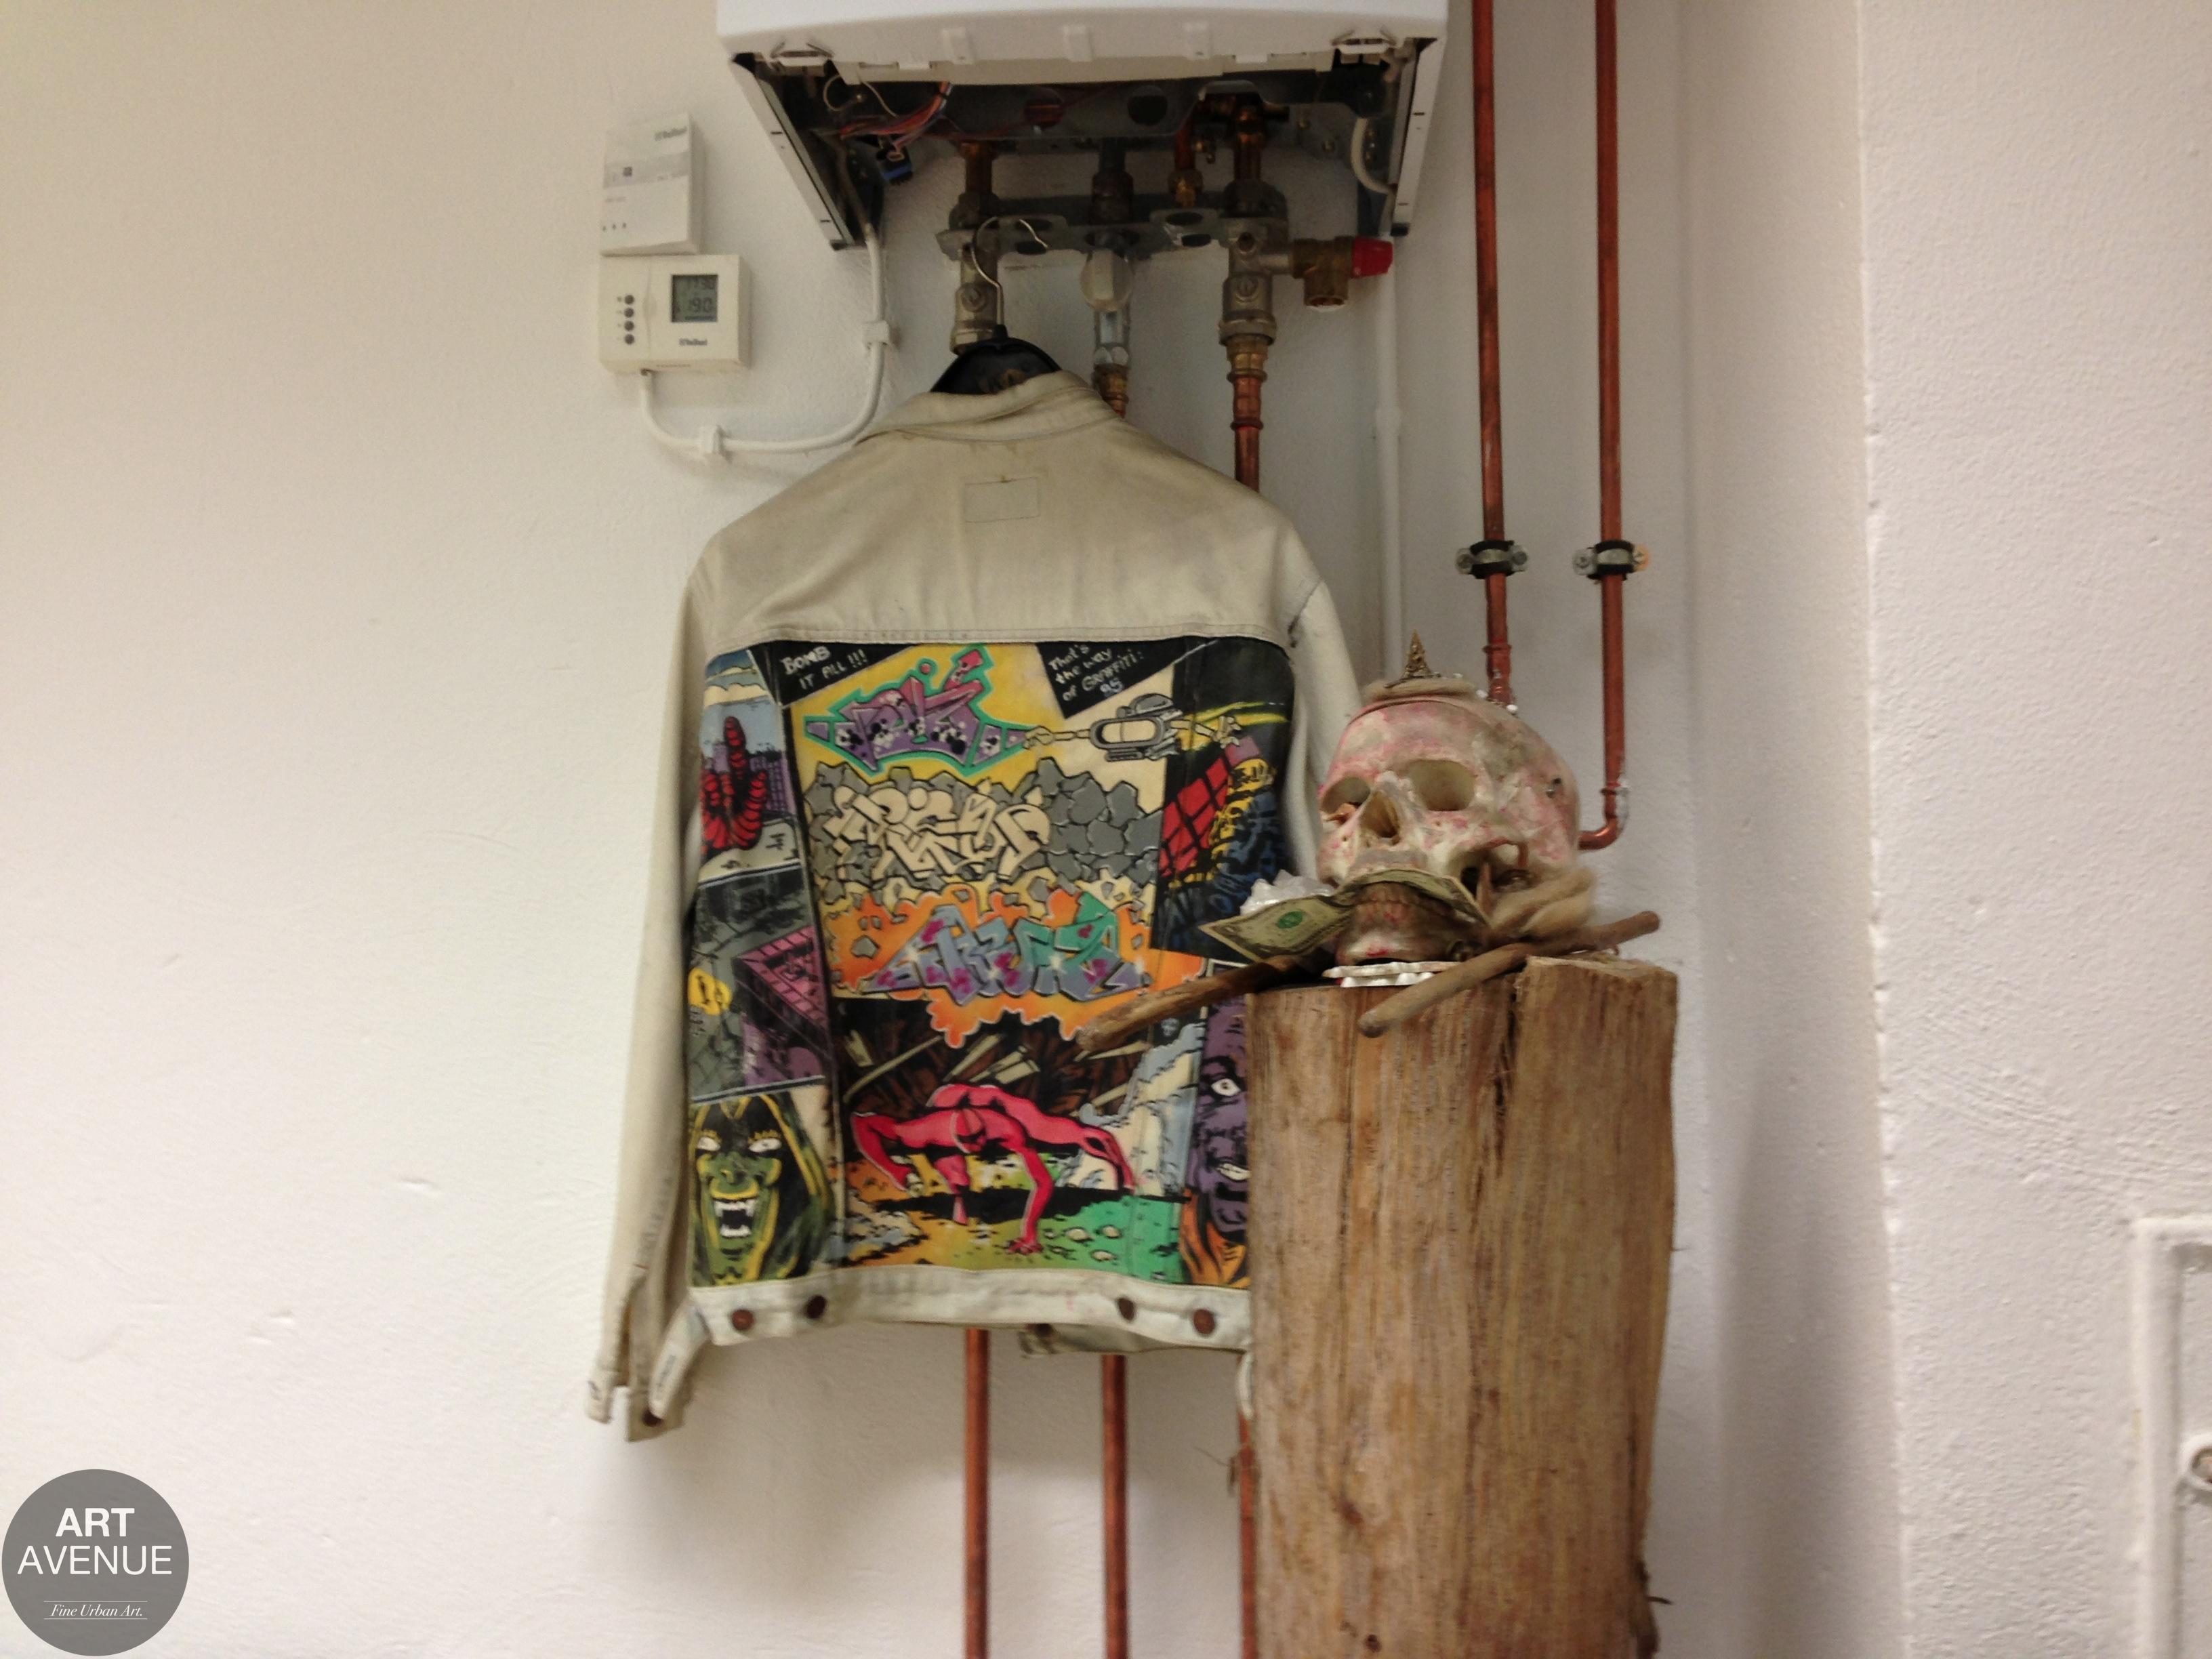 ART AVENUE History –the 1985 writer jacket of WON ABC